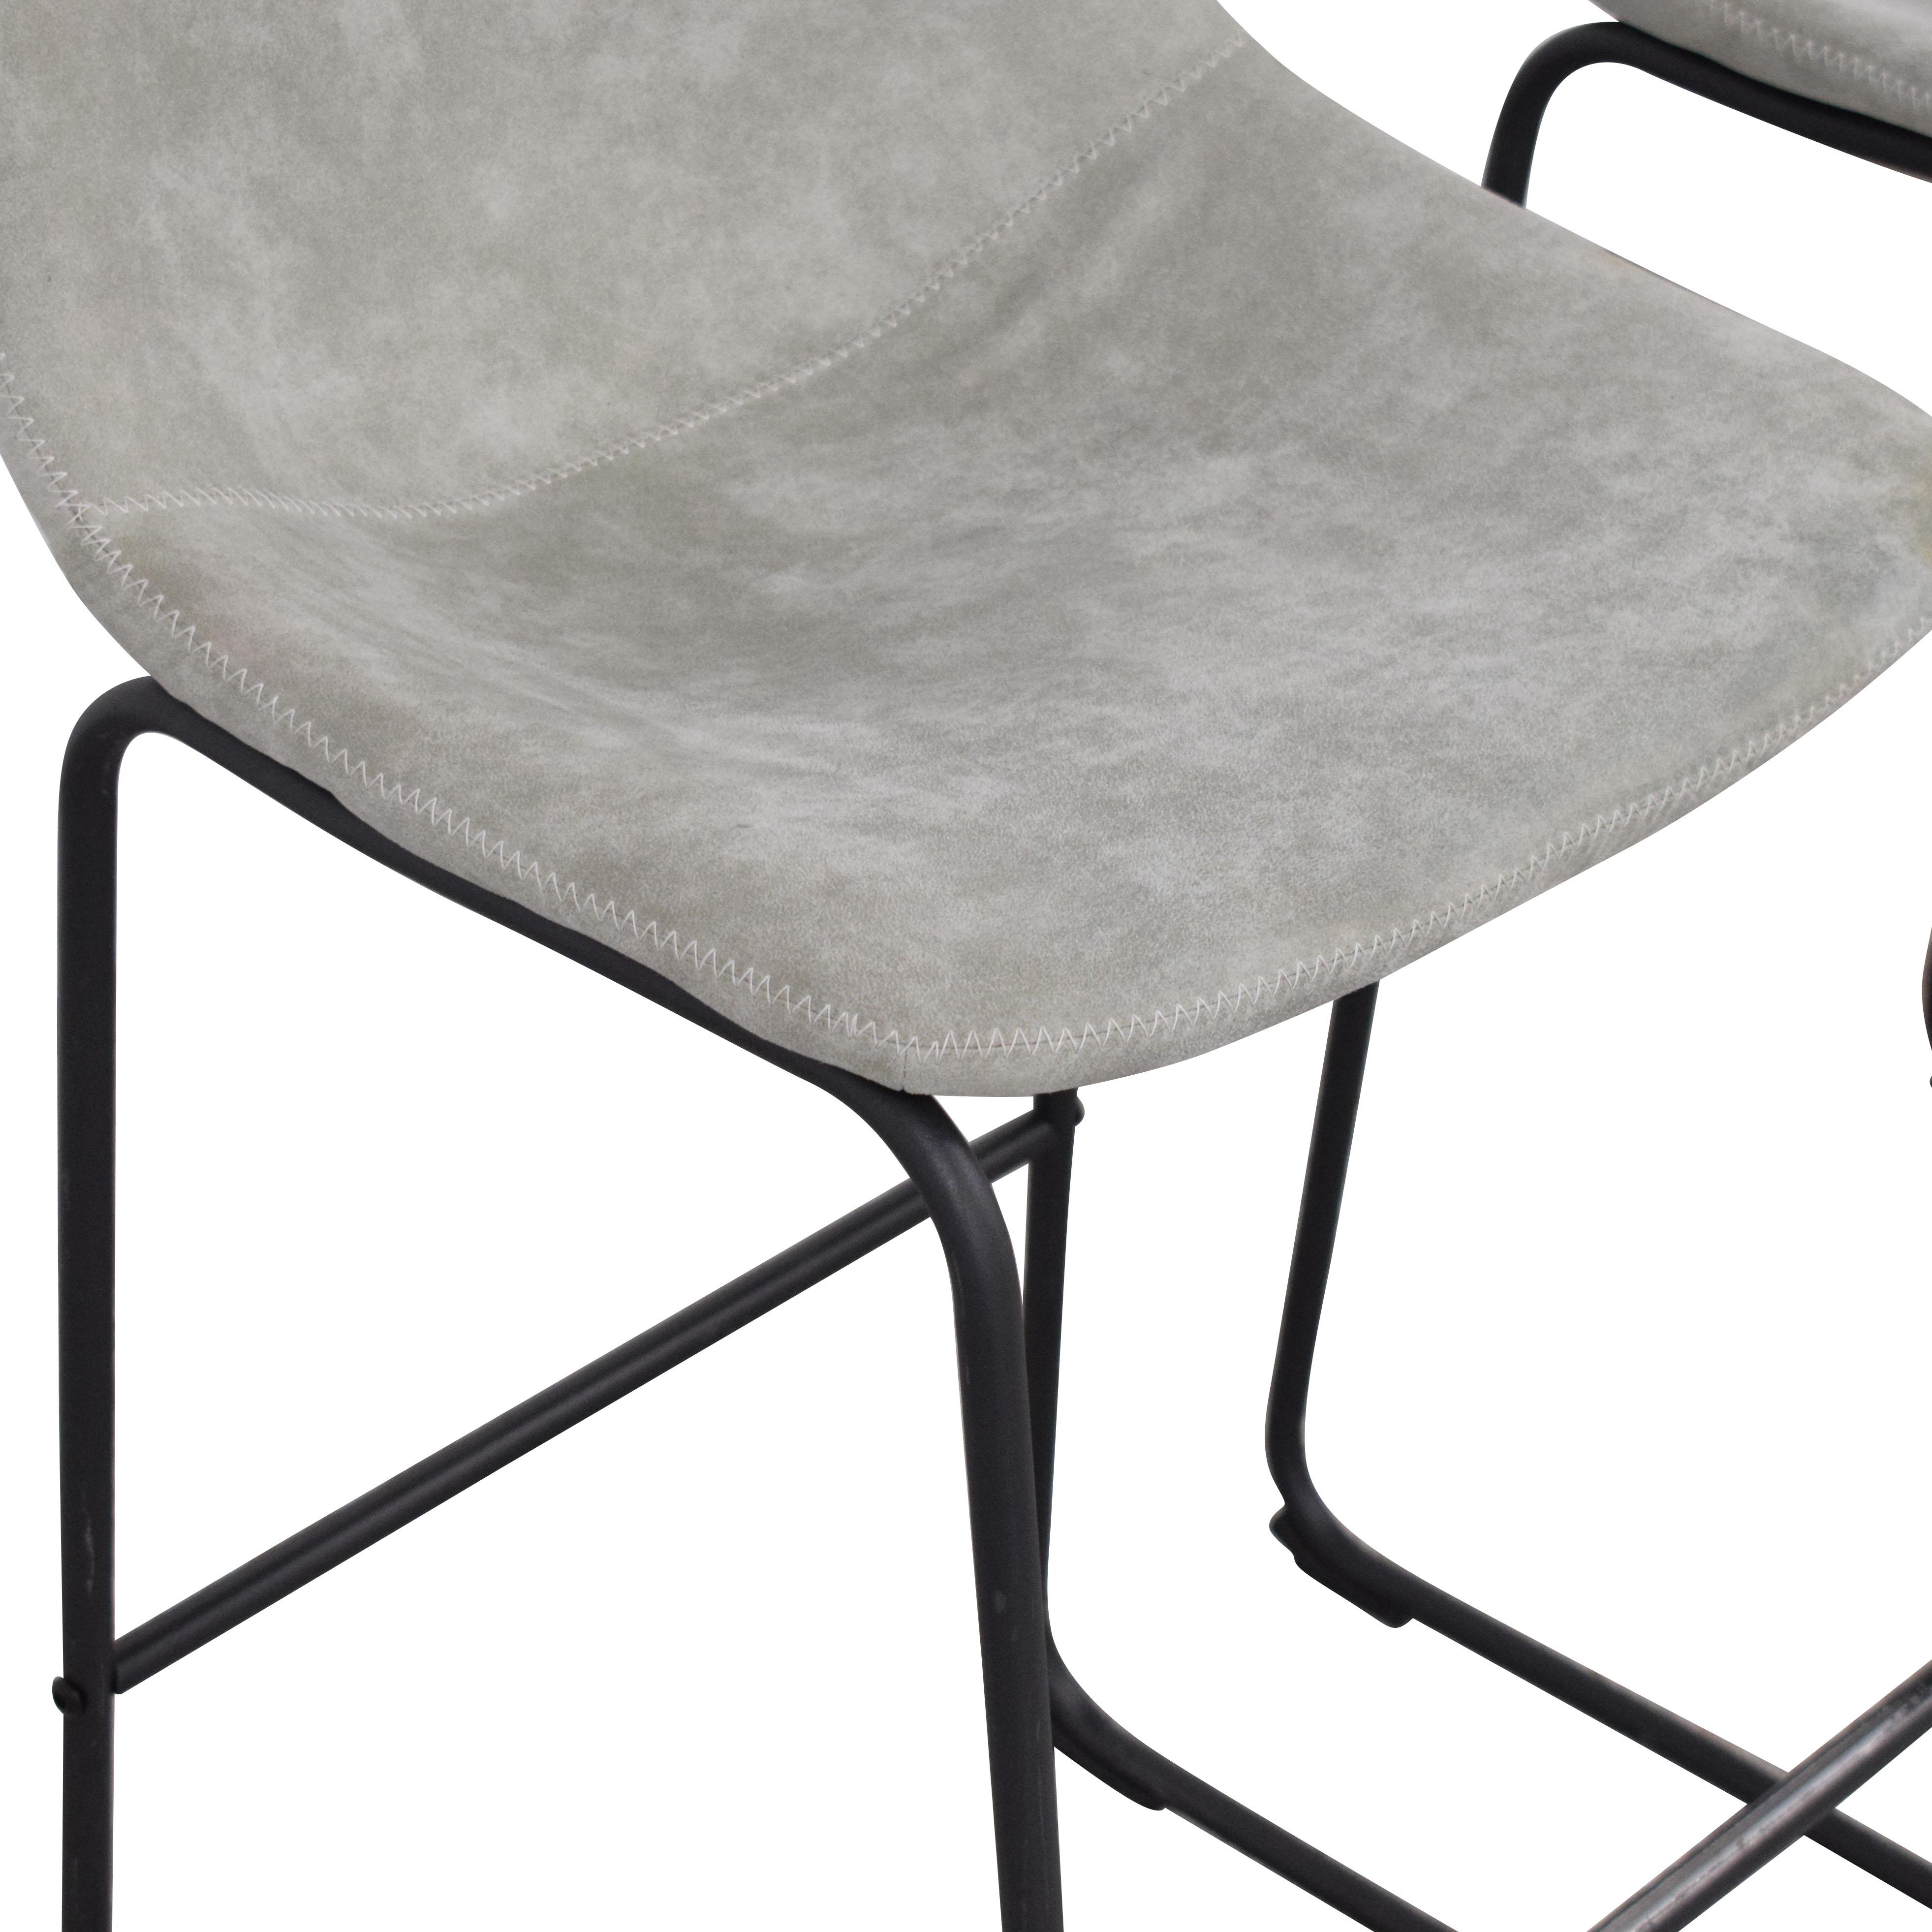 Carbon Loft Carbon Loft Aube Vintage Faux Leather Bar Stools grey and black